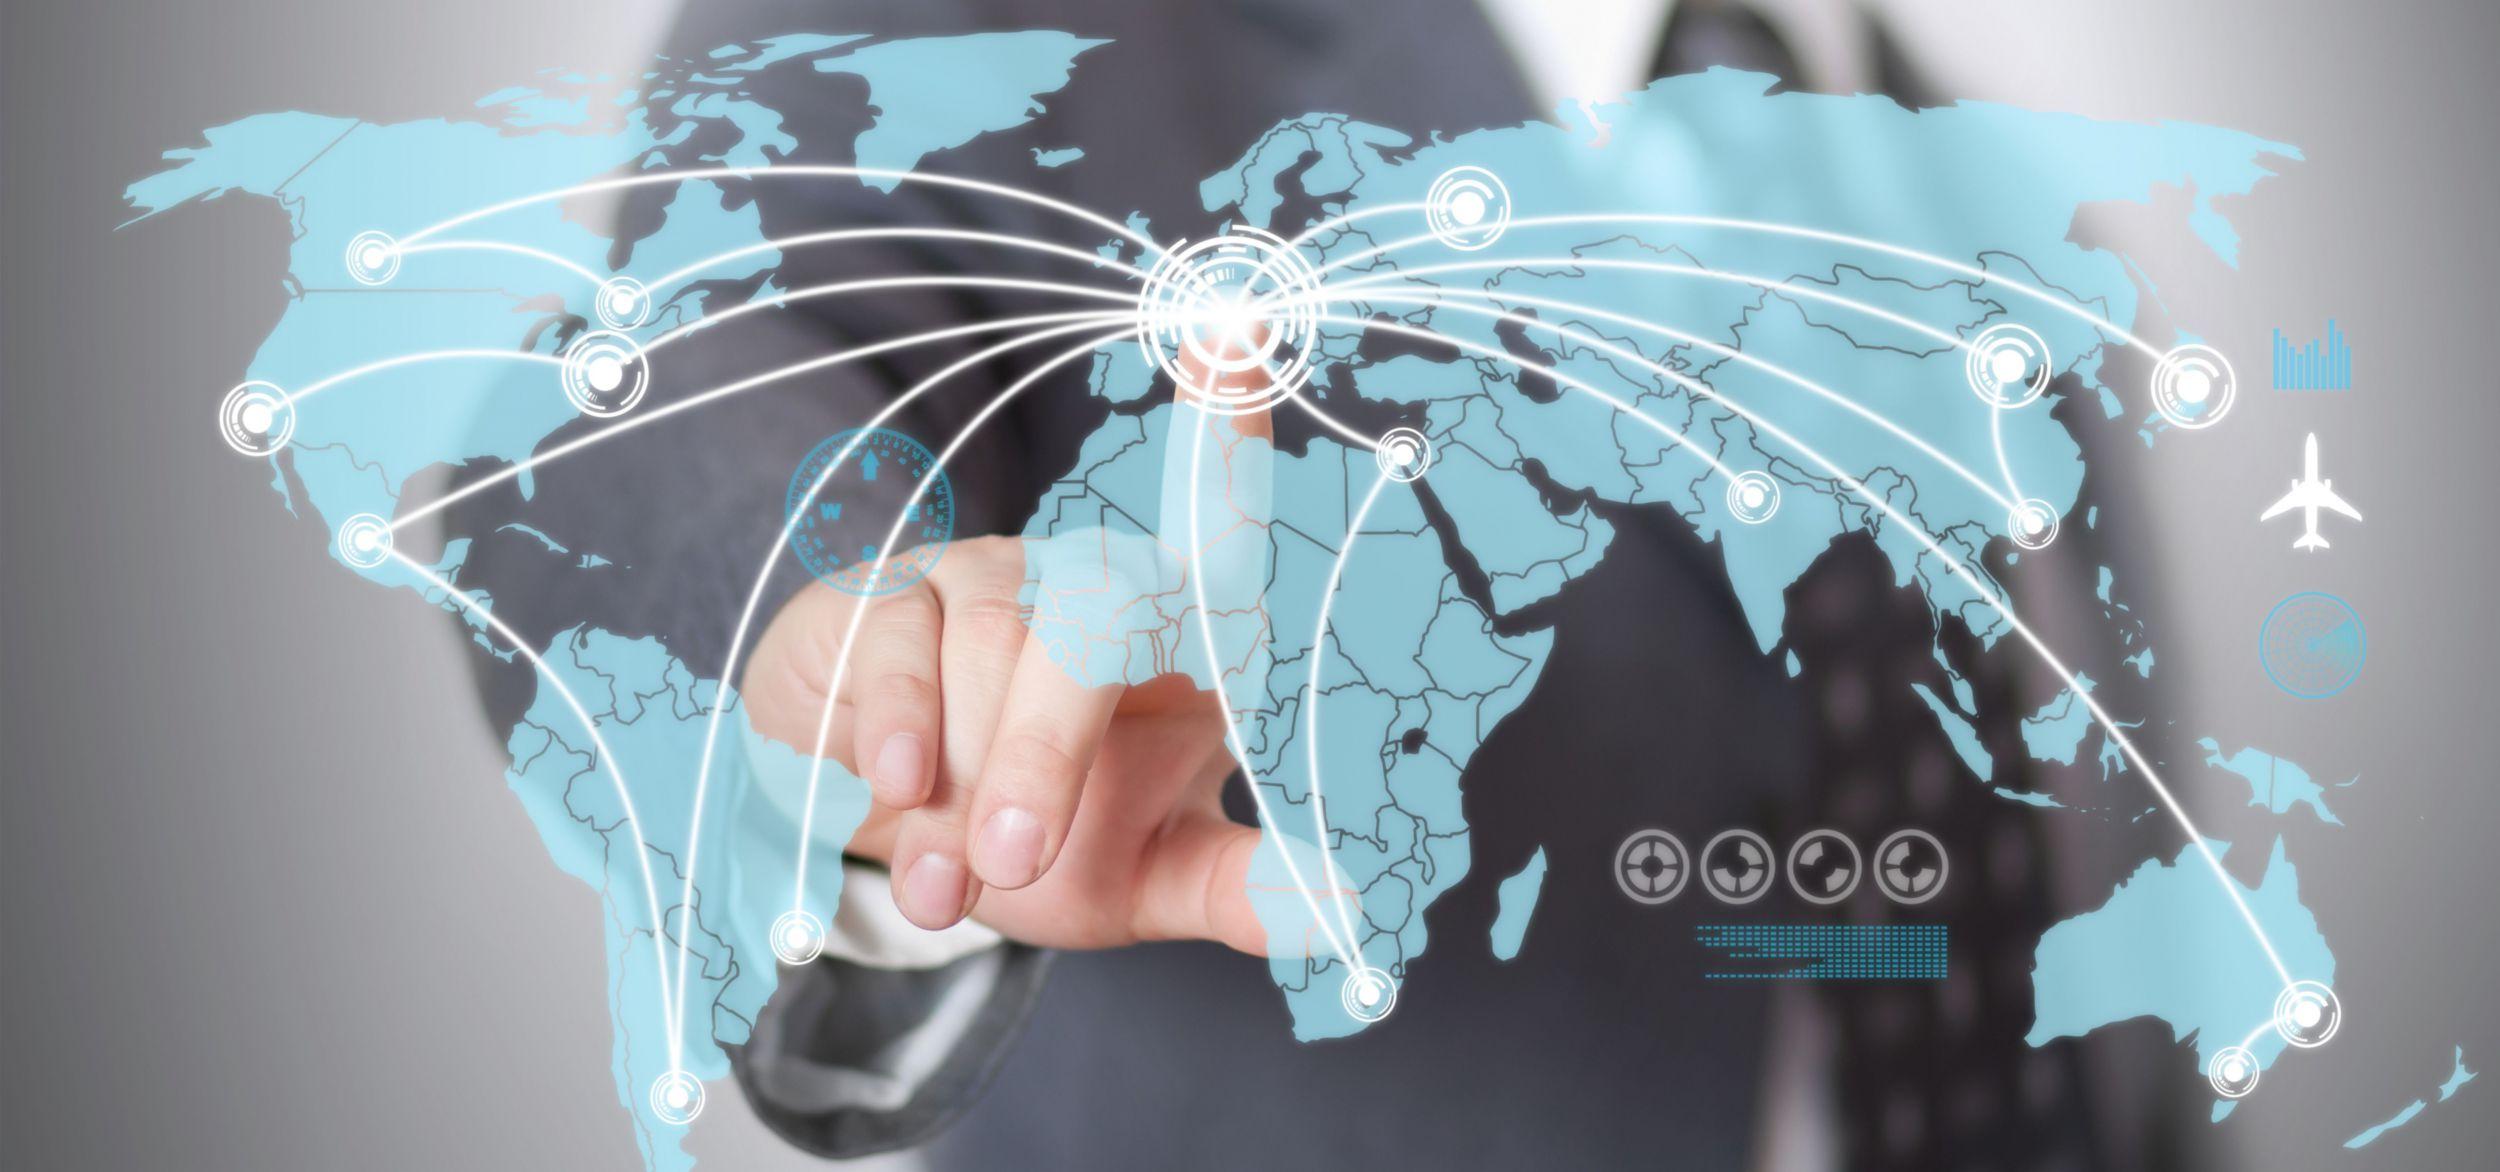 乐虎国际官网网站乐虎国际手机平台行业机遇和挑战_乐虎国际手机平台乐虎国际官网网站乐虎国际手机平台